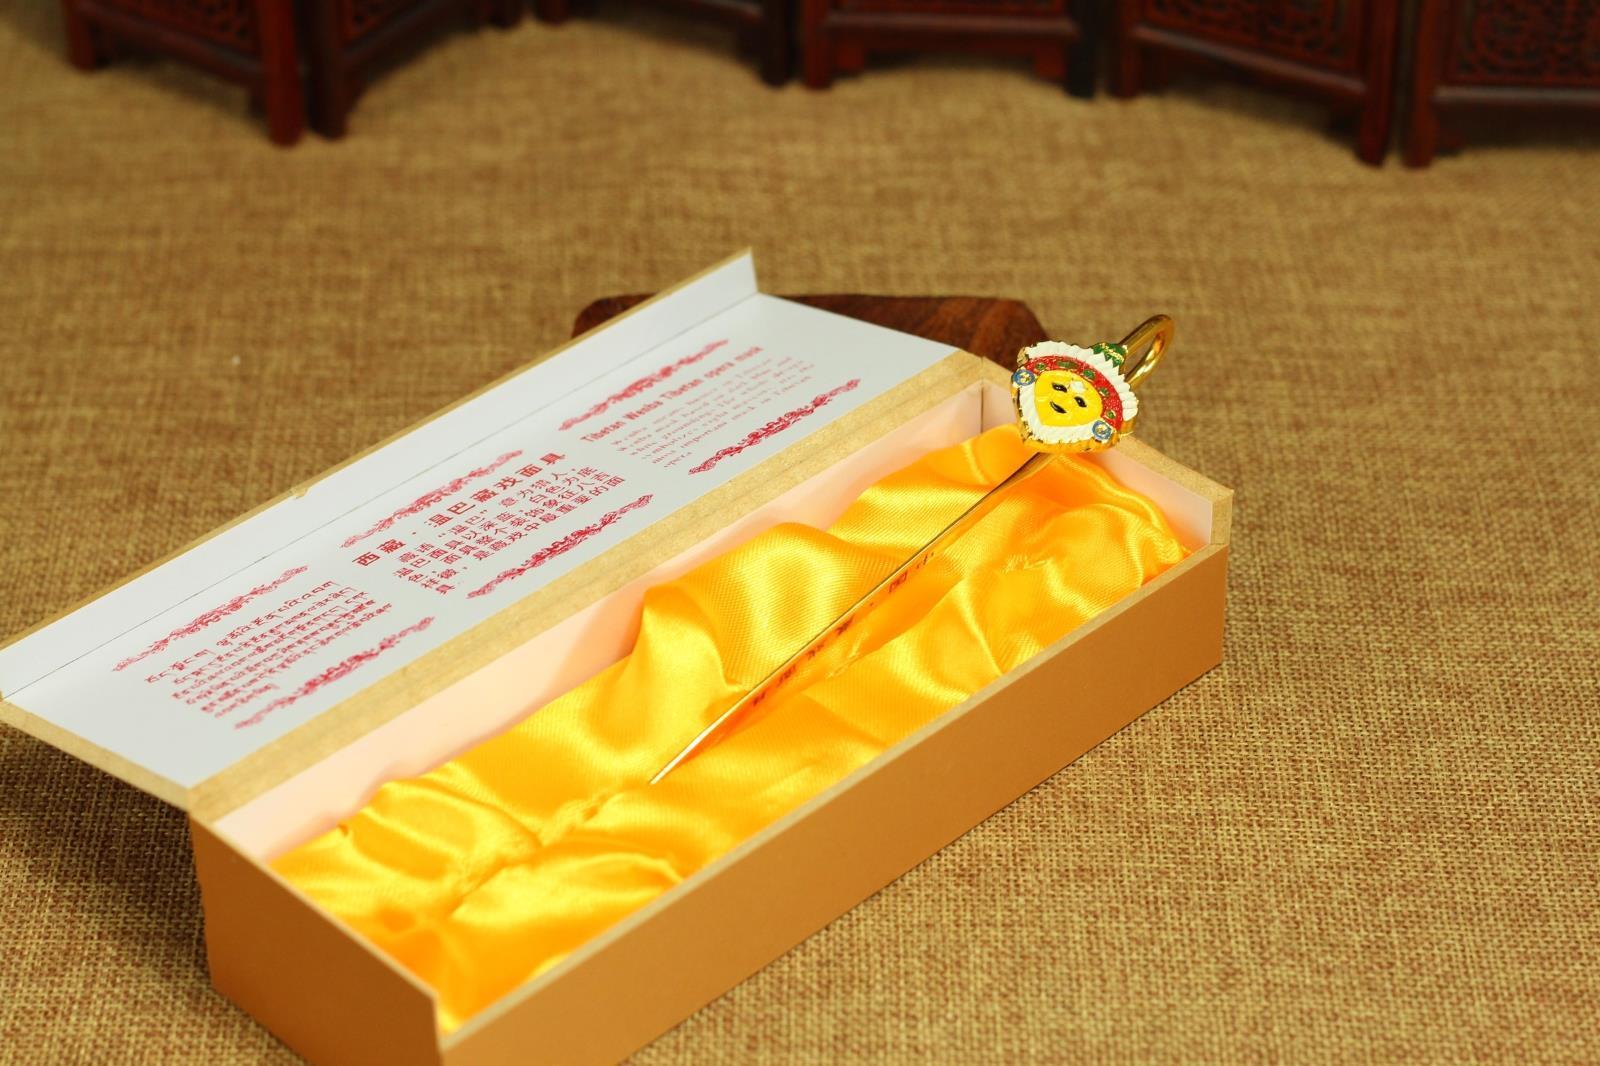 Сейчас в надичии тибет характеристика ремесла статья температура пакистан тибет играть маска facebook металл тибетский закладки один